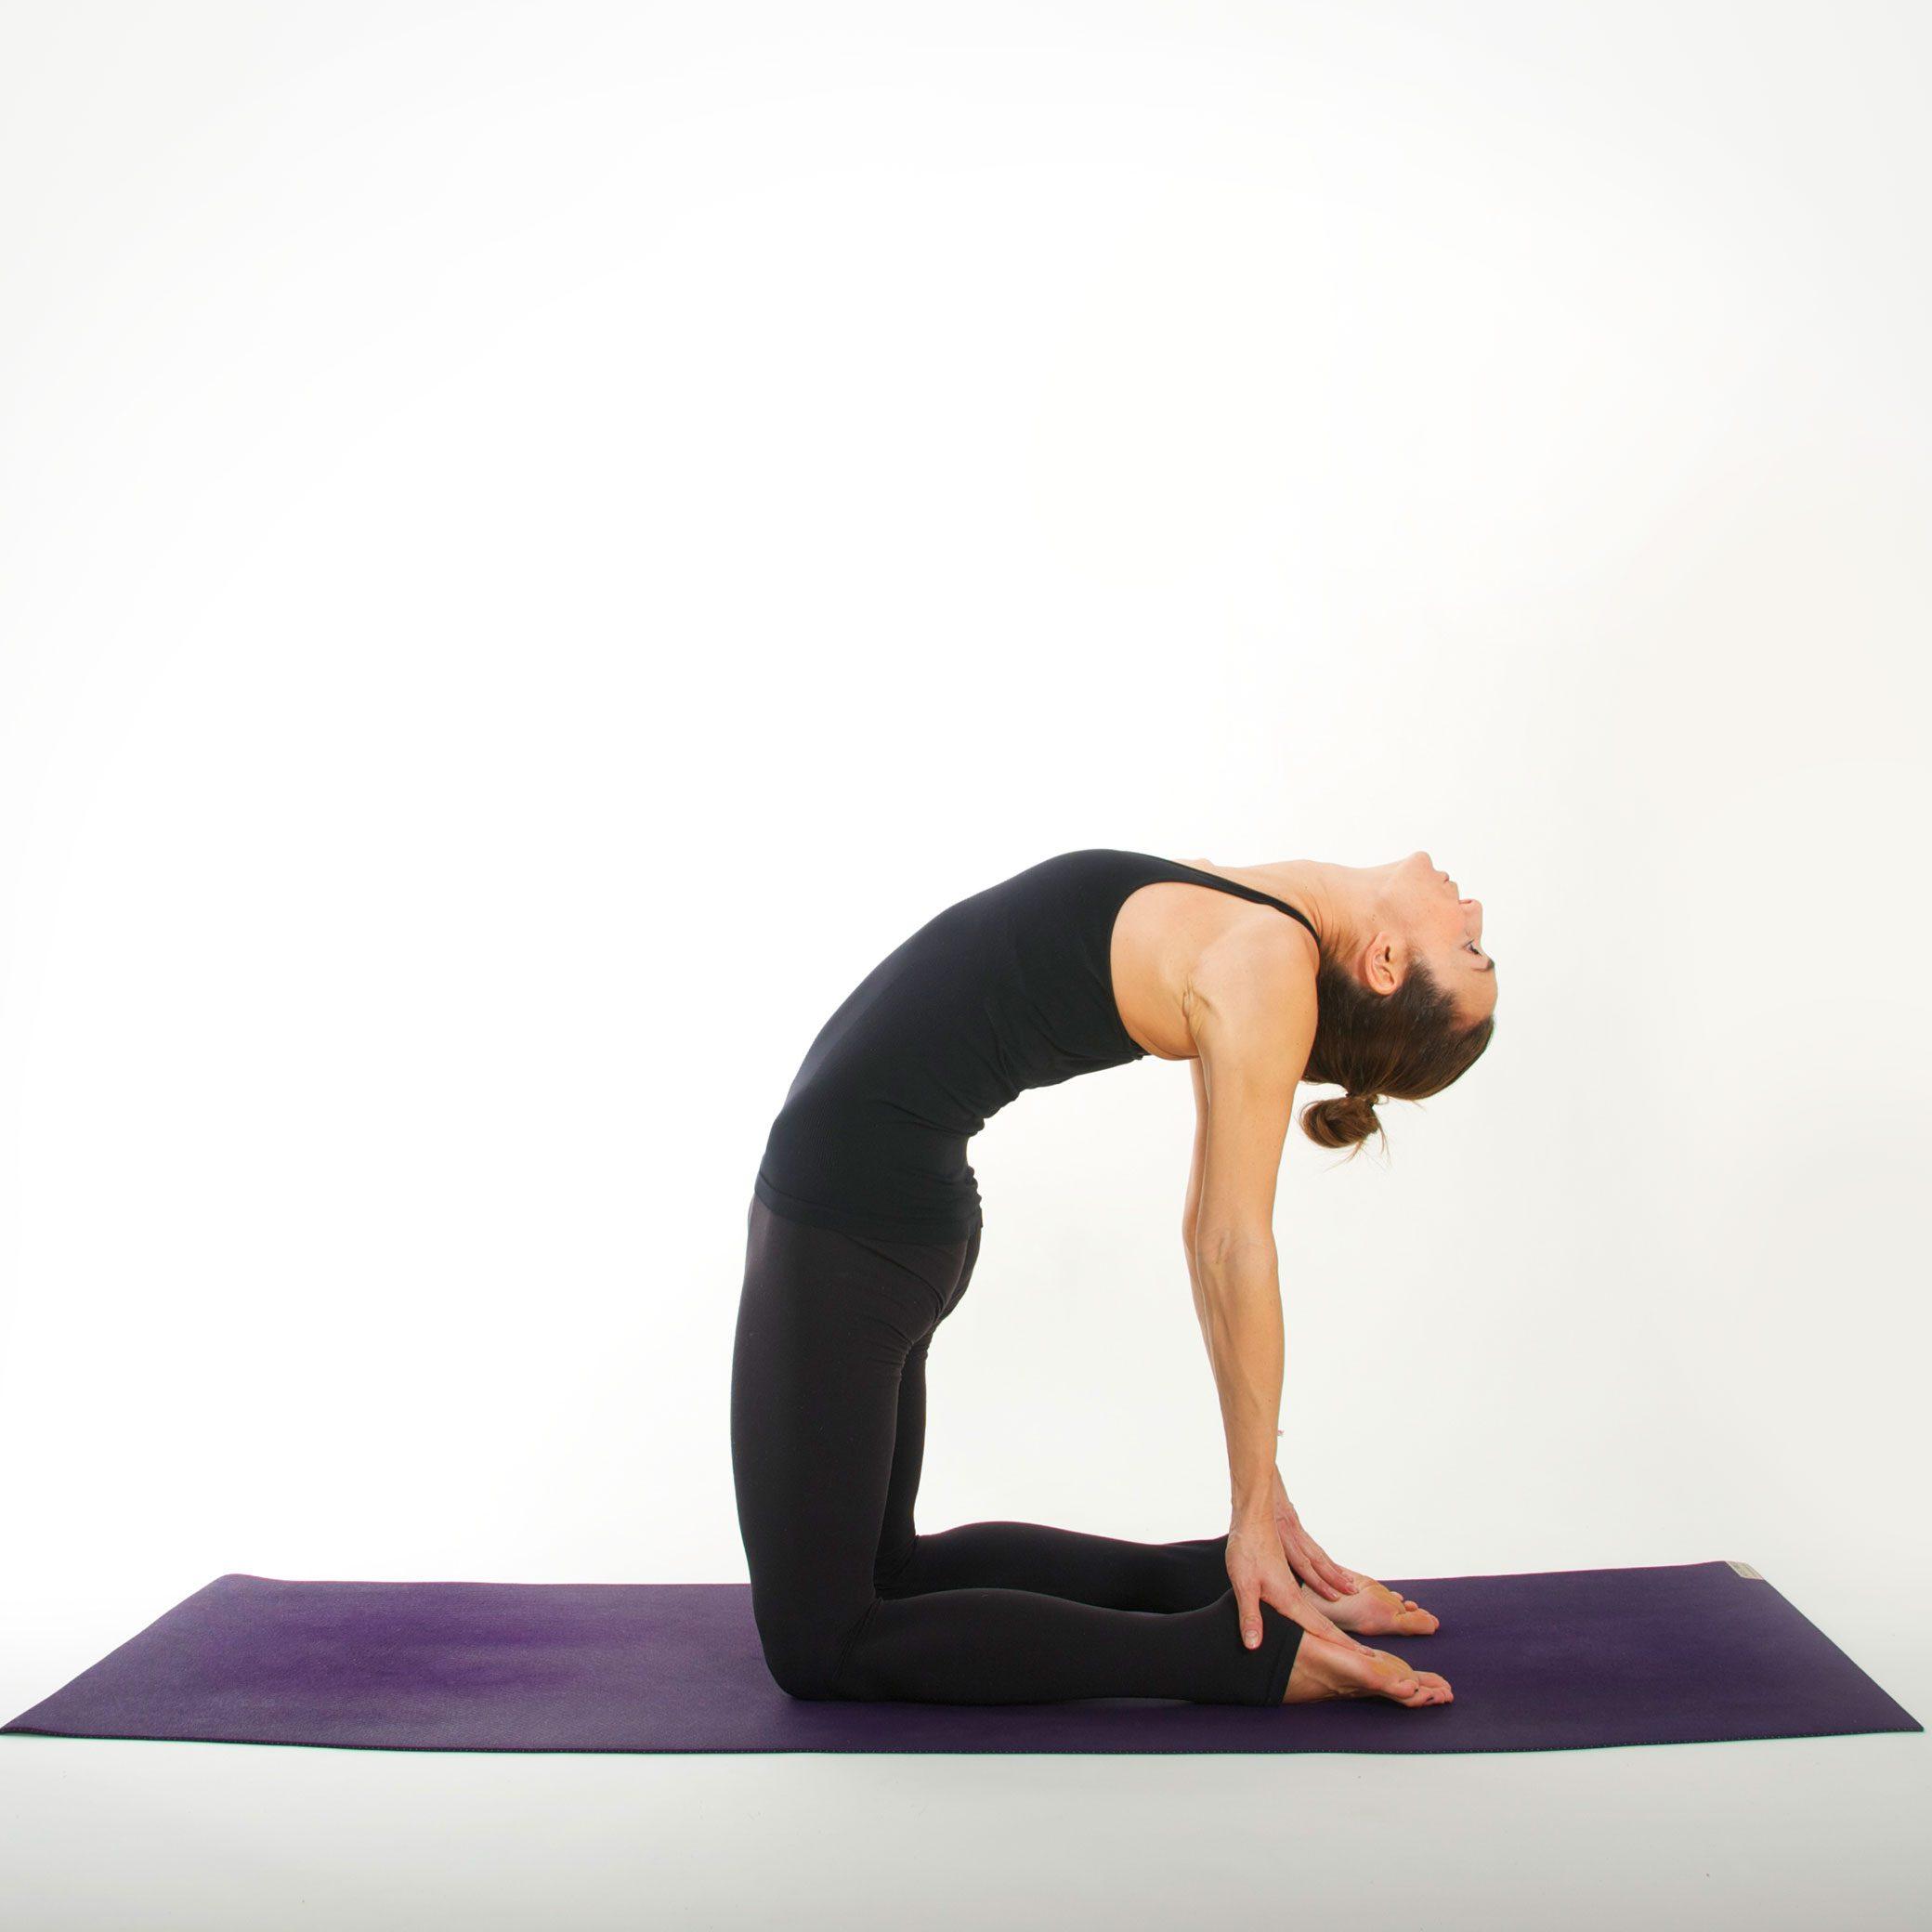 Yoga Asana I KAMEL I myyogaflows